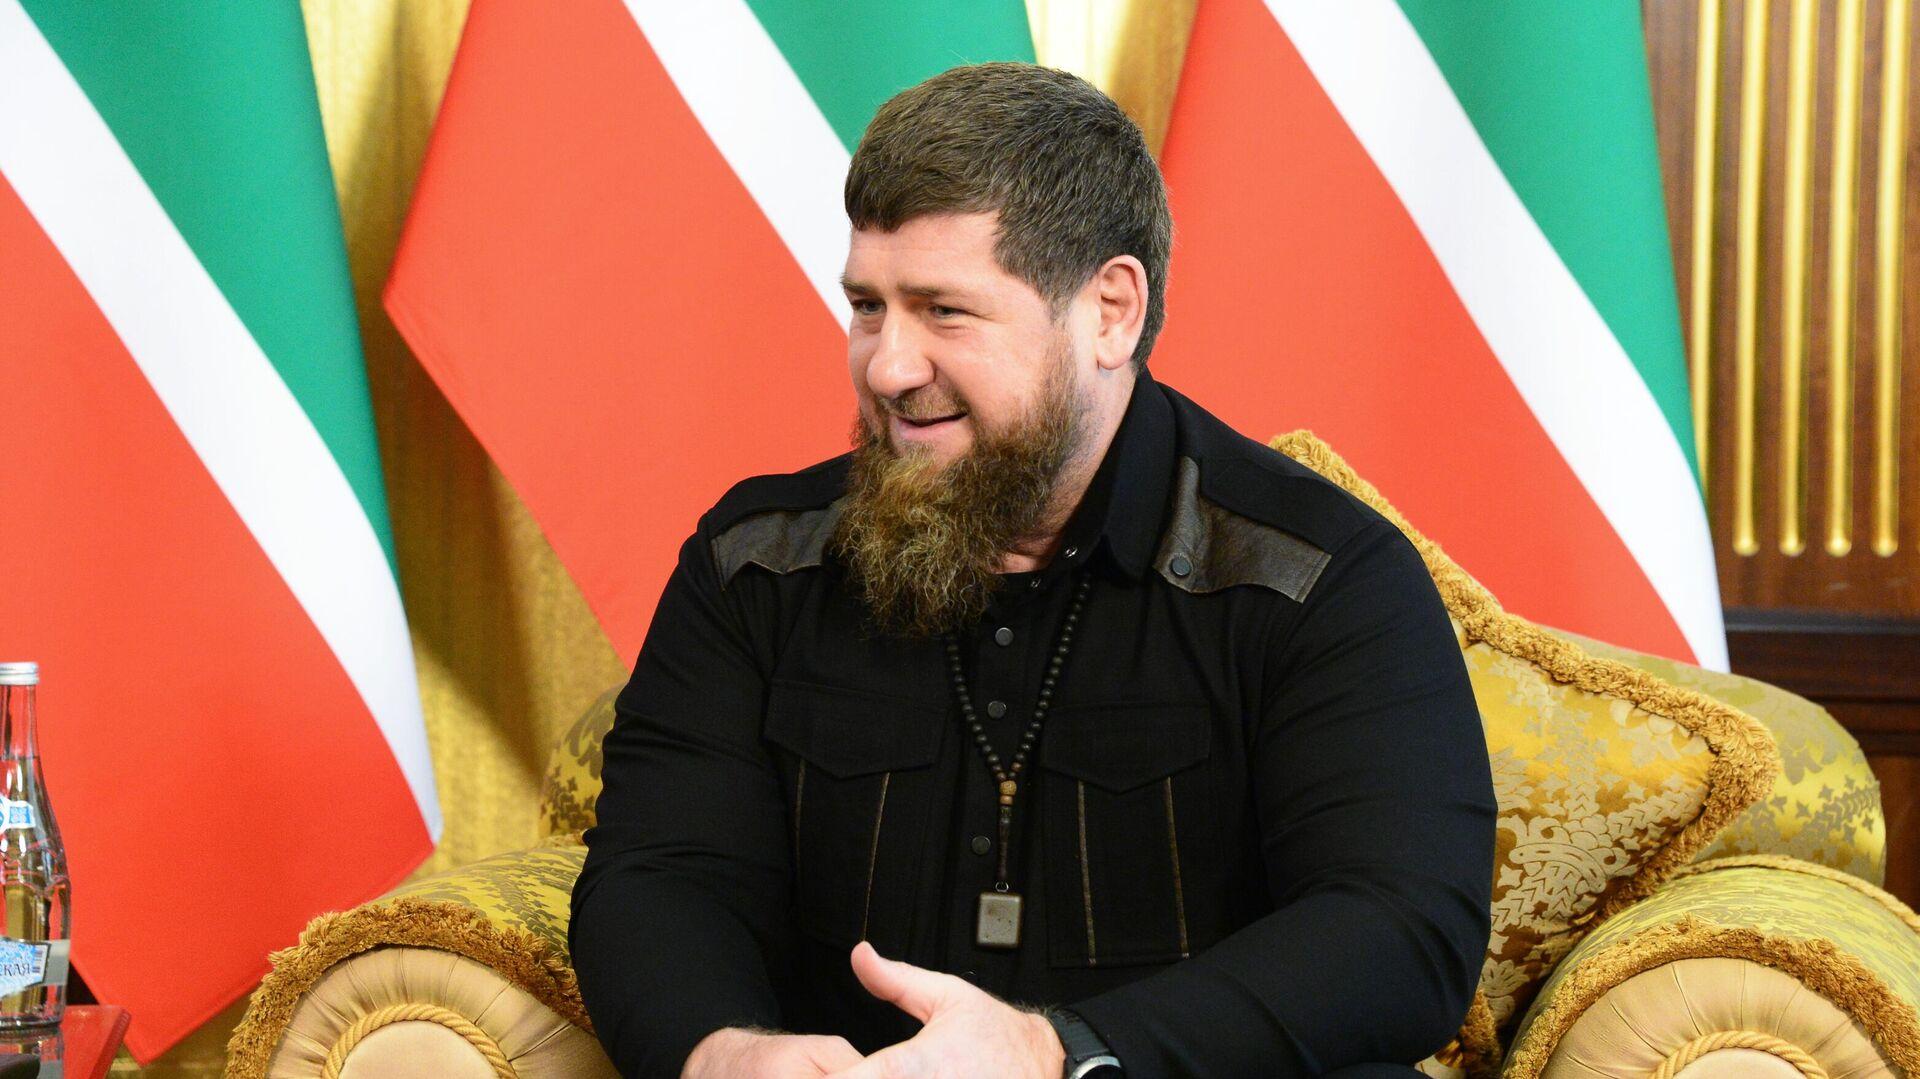 Кадыров назвал себя проектом Путина